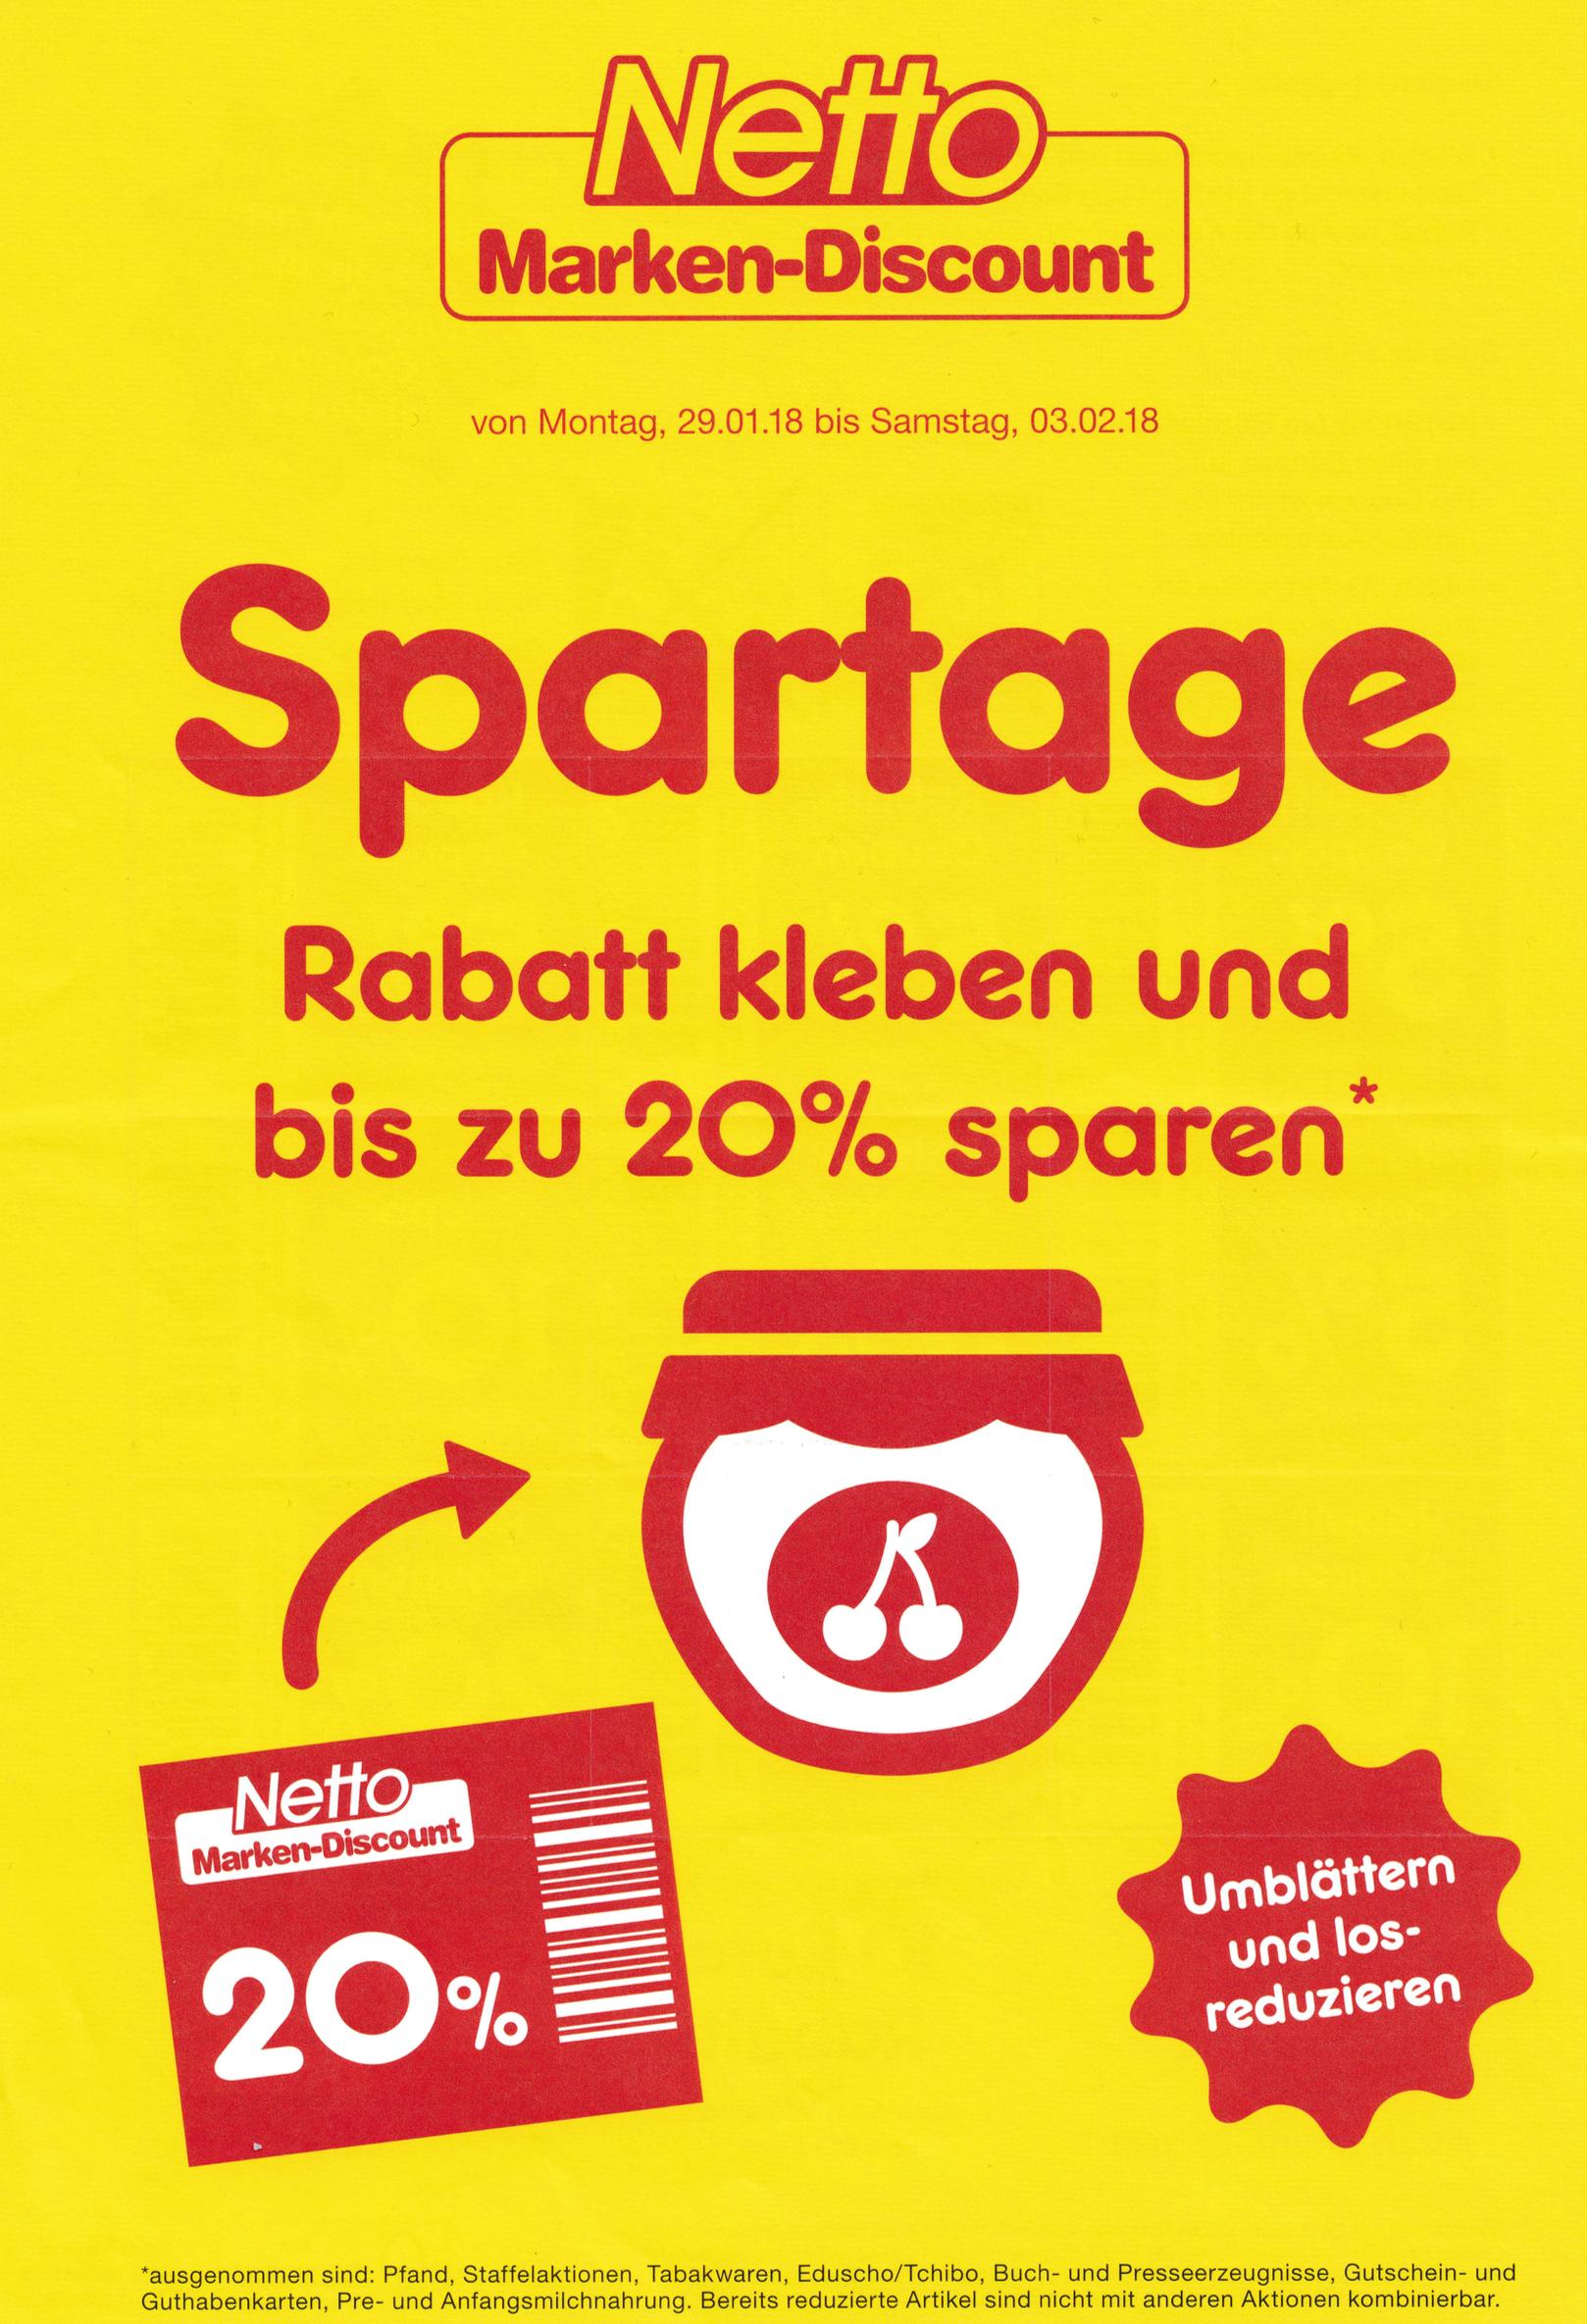 Spartage bei Netto wieder ein riesen Erfolg! - Supermarkt Inside